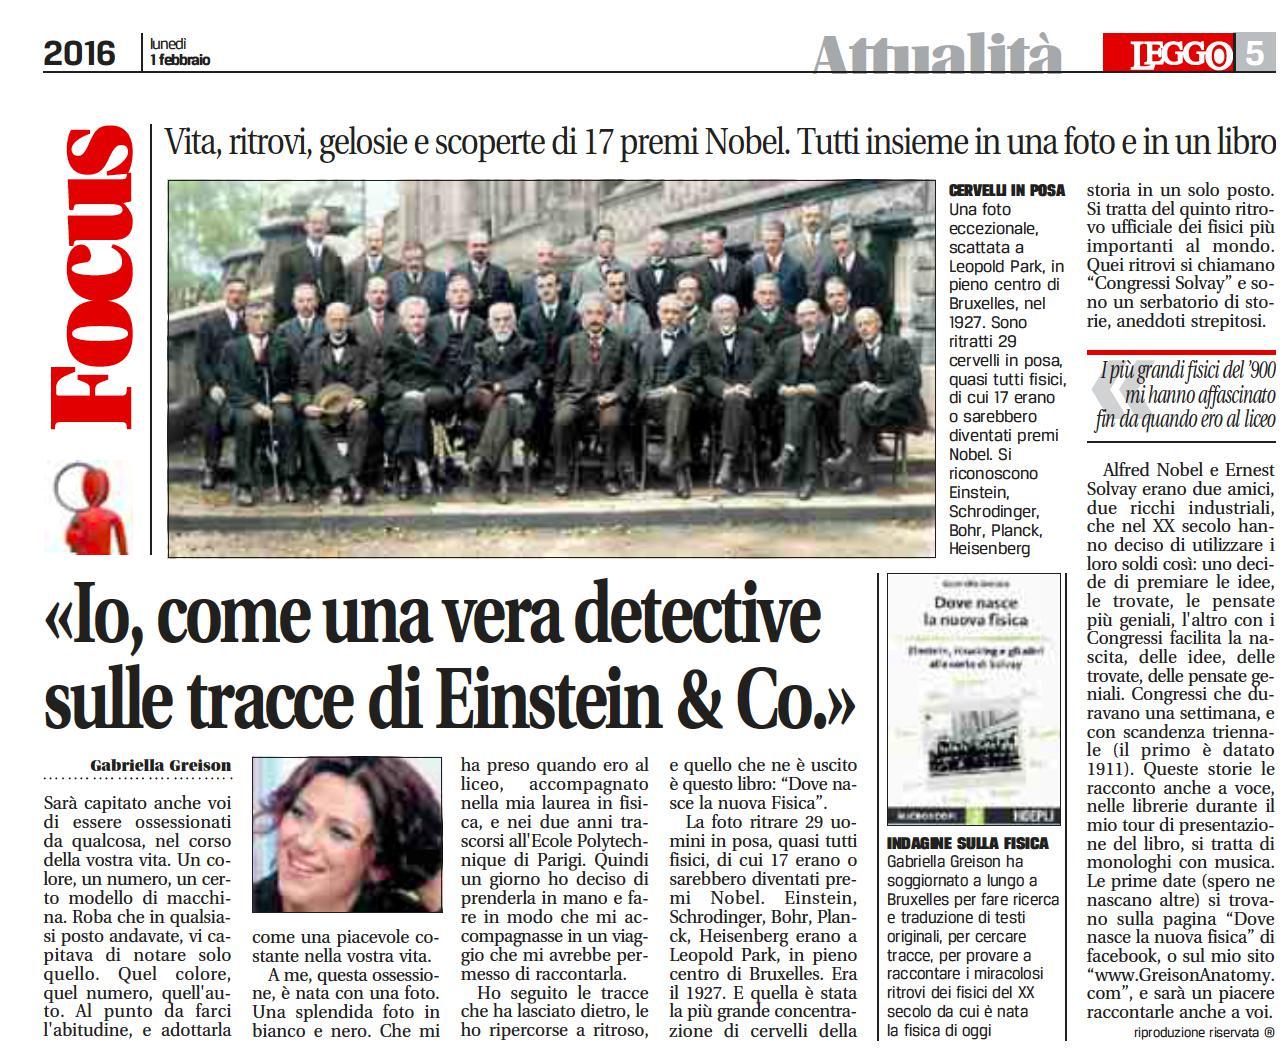 """""""io, come una vera detective, sulle tracce di Einstein & Co. a Bruxelles""""…così hanno titolato la pagina dedicata a me!"""